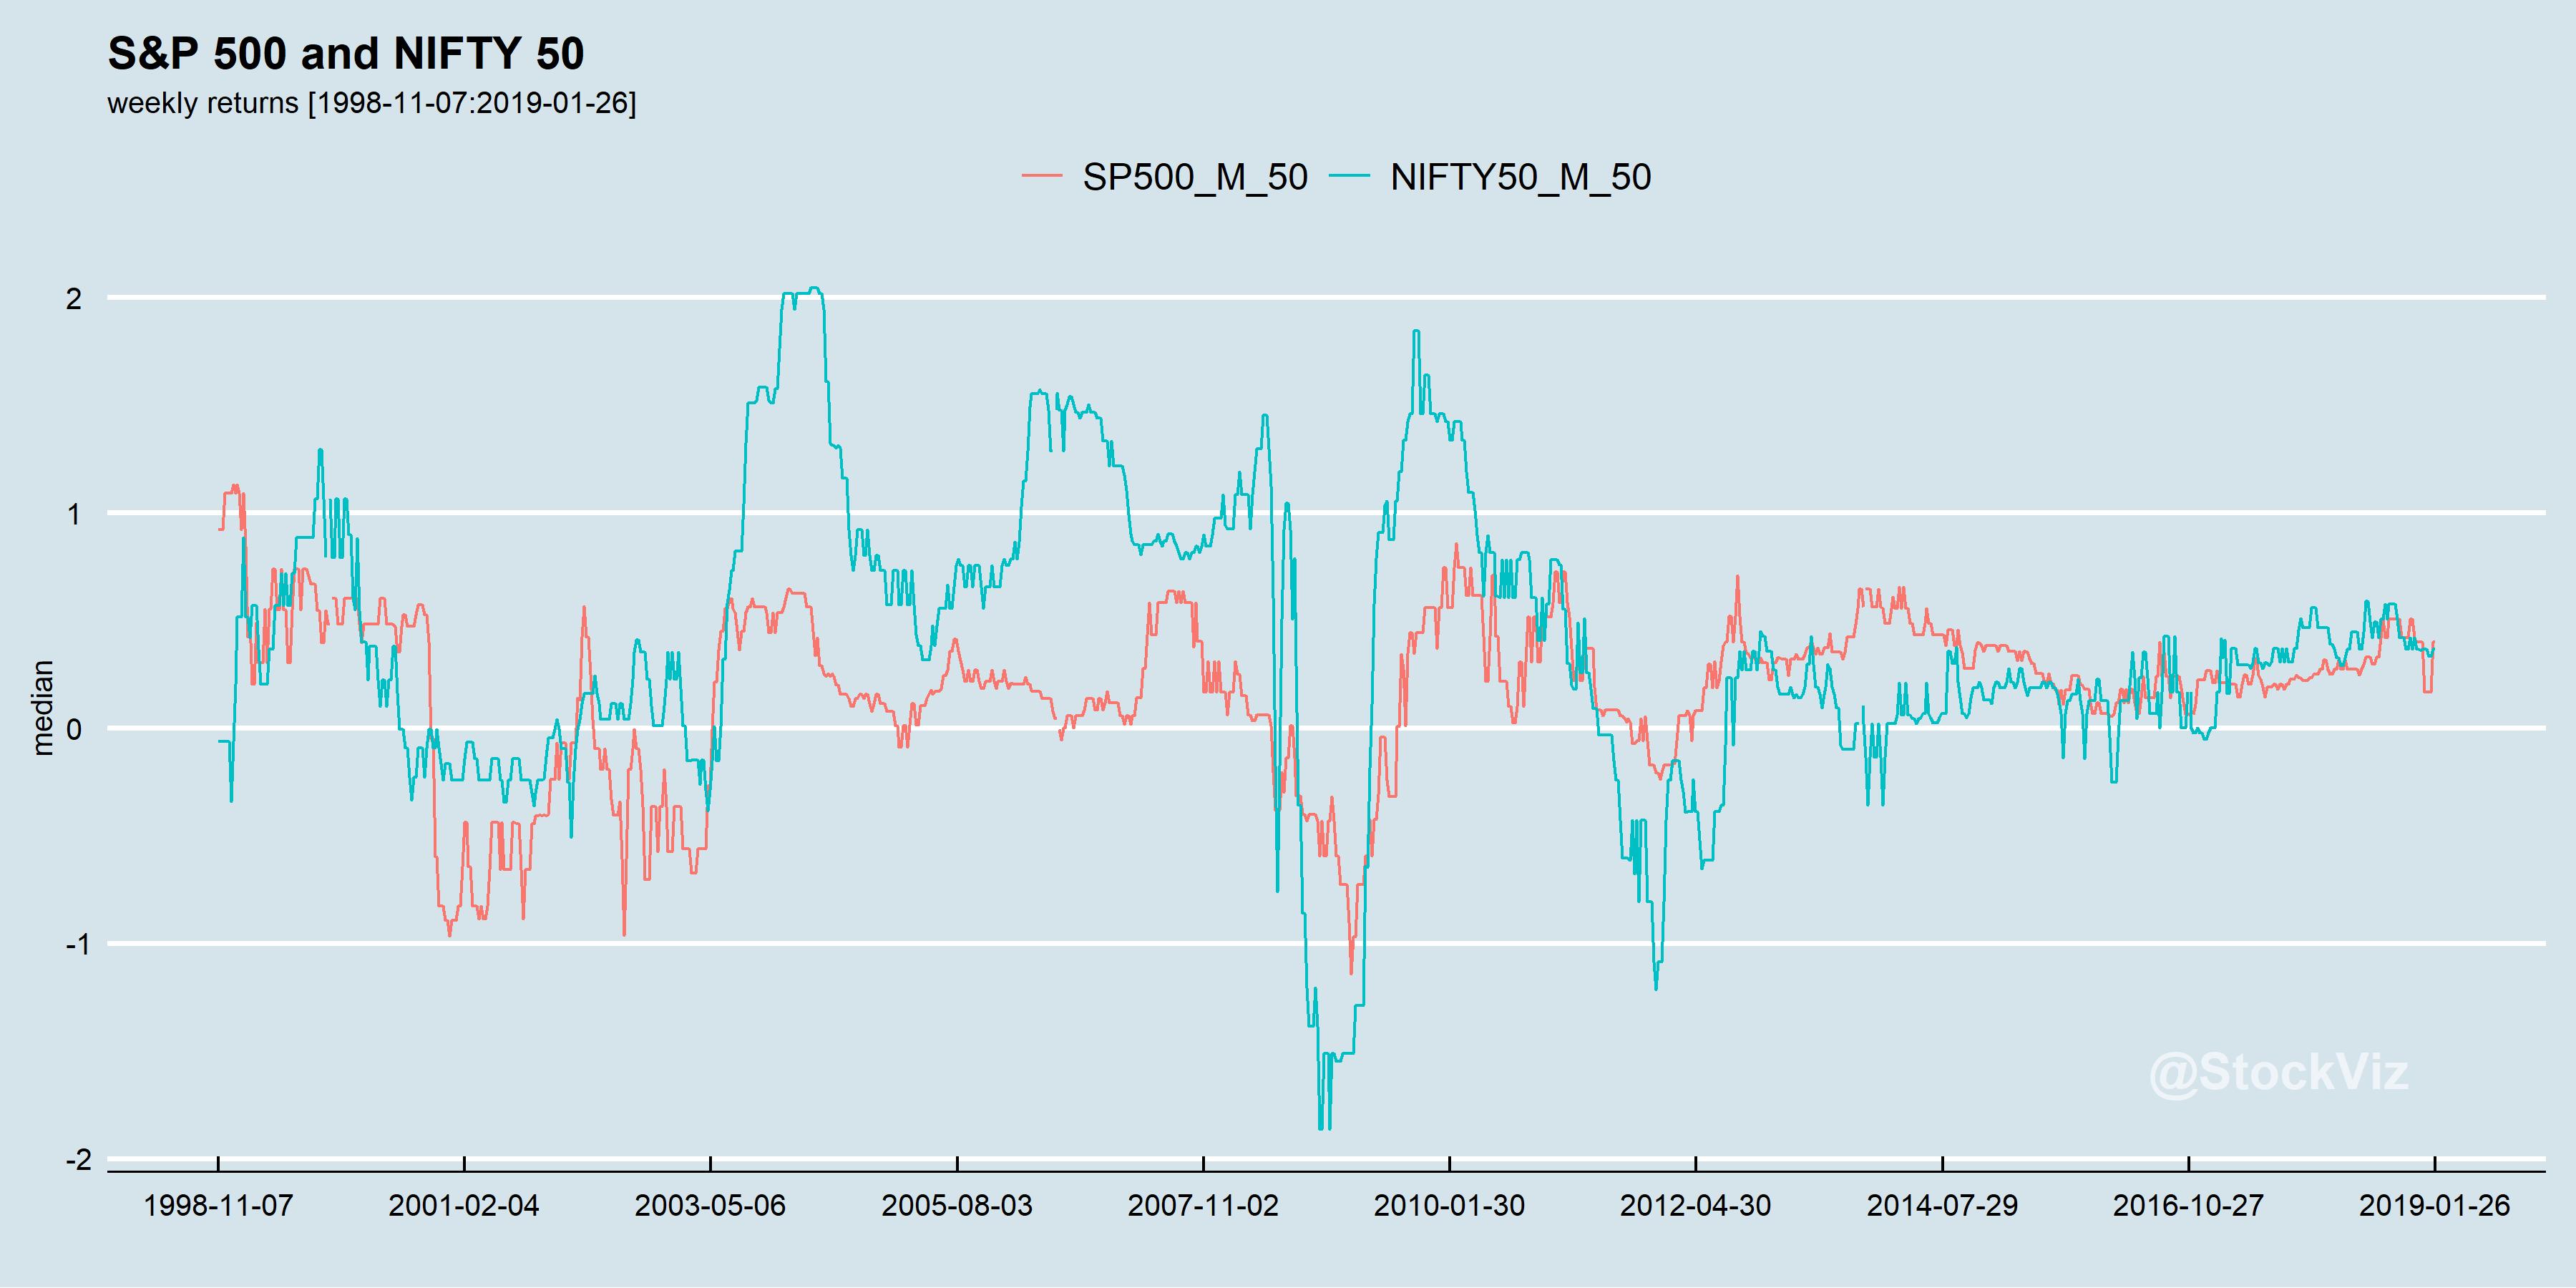 median weekly returns